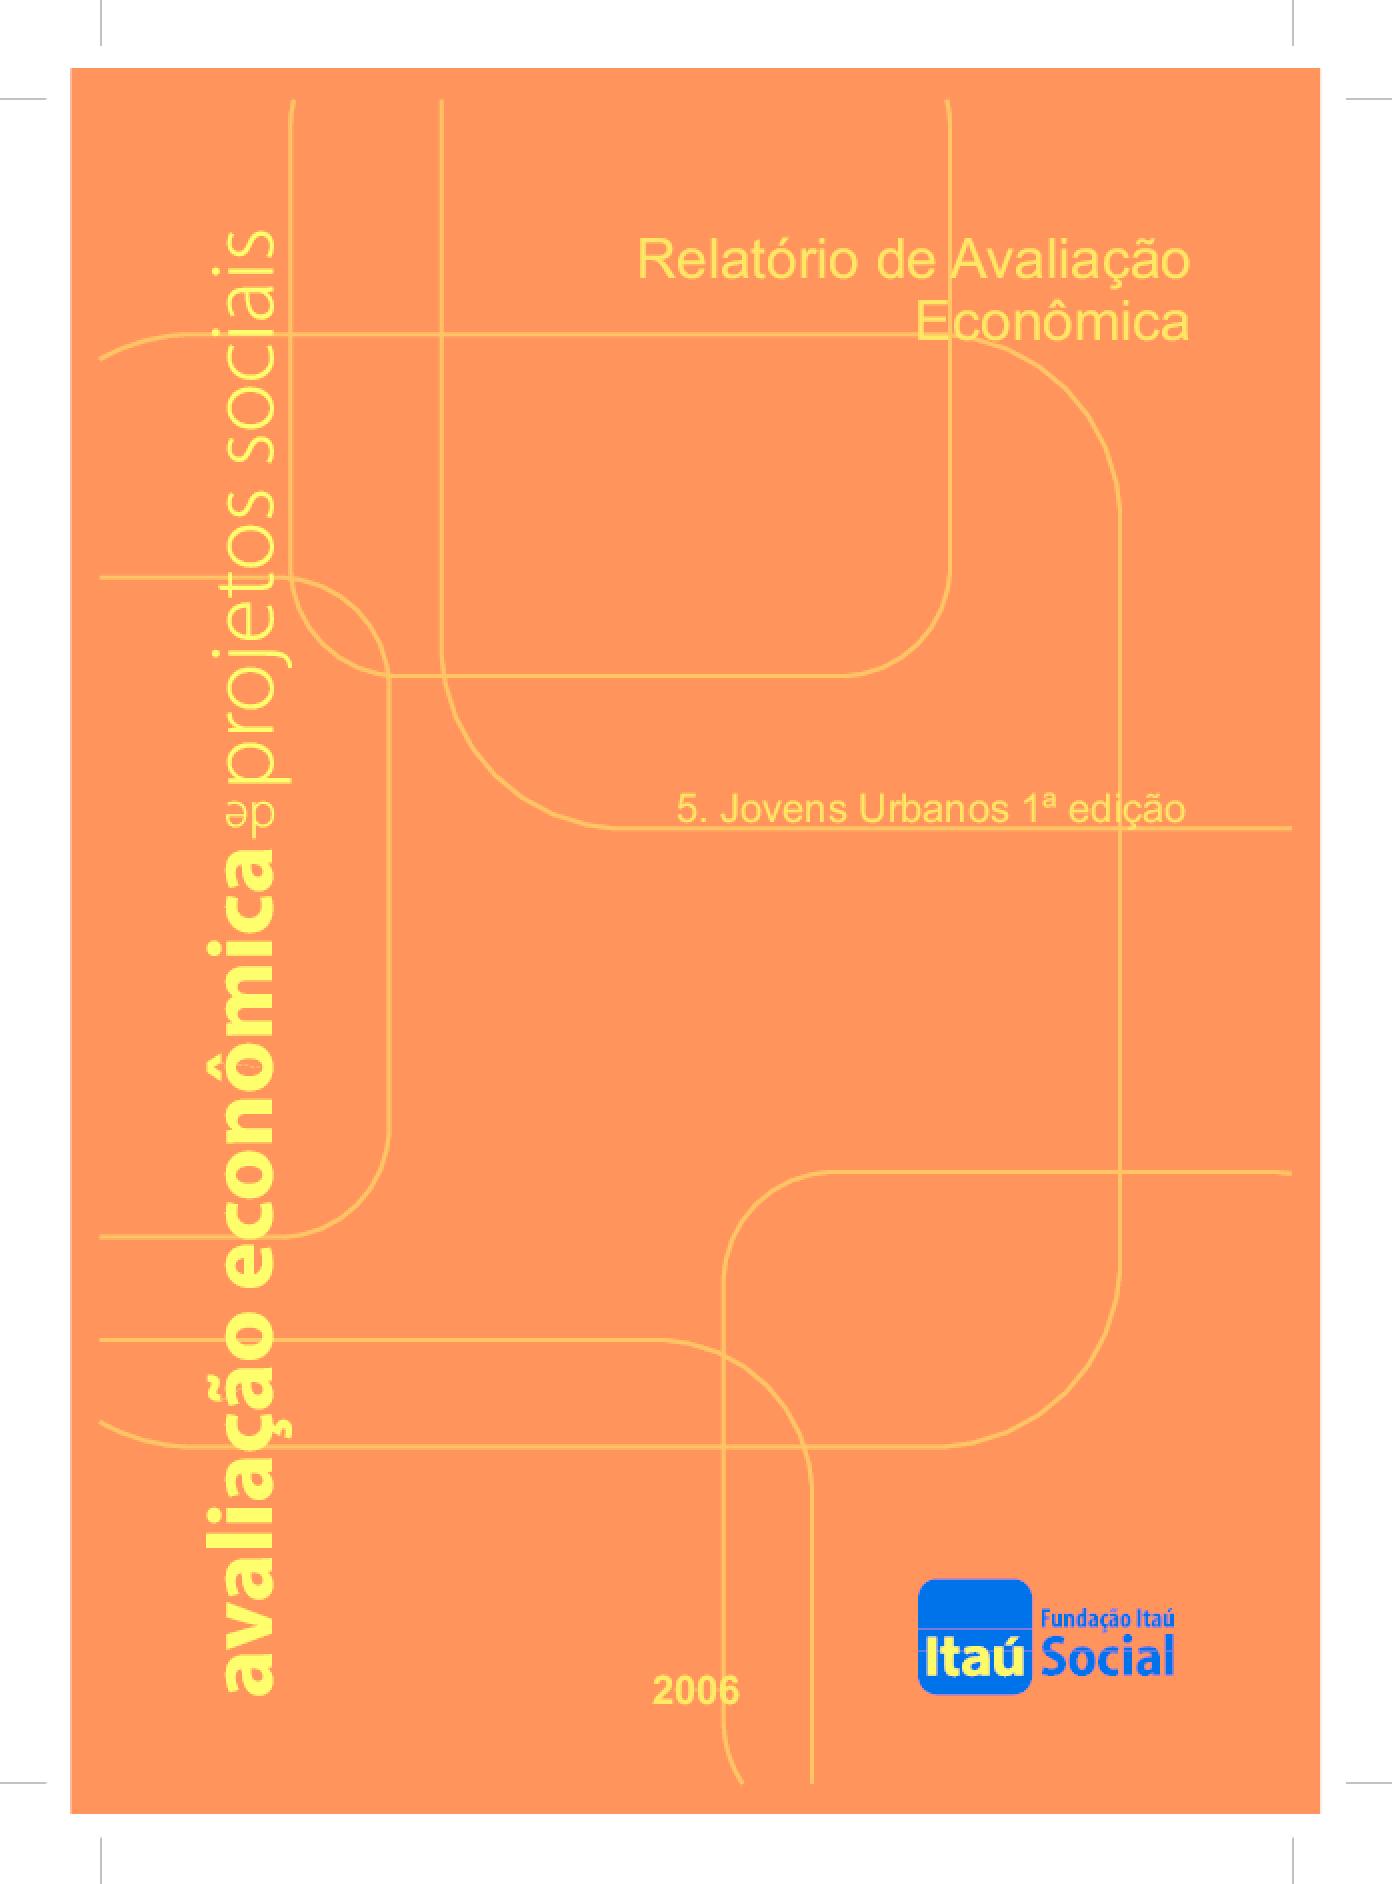 Relatório de avaliação econômica - jovens urbanos (1ª edição)